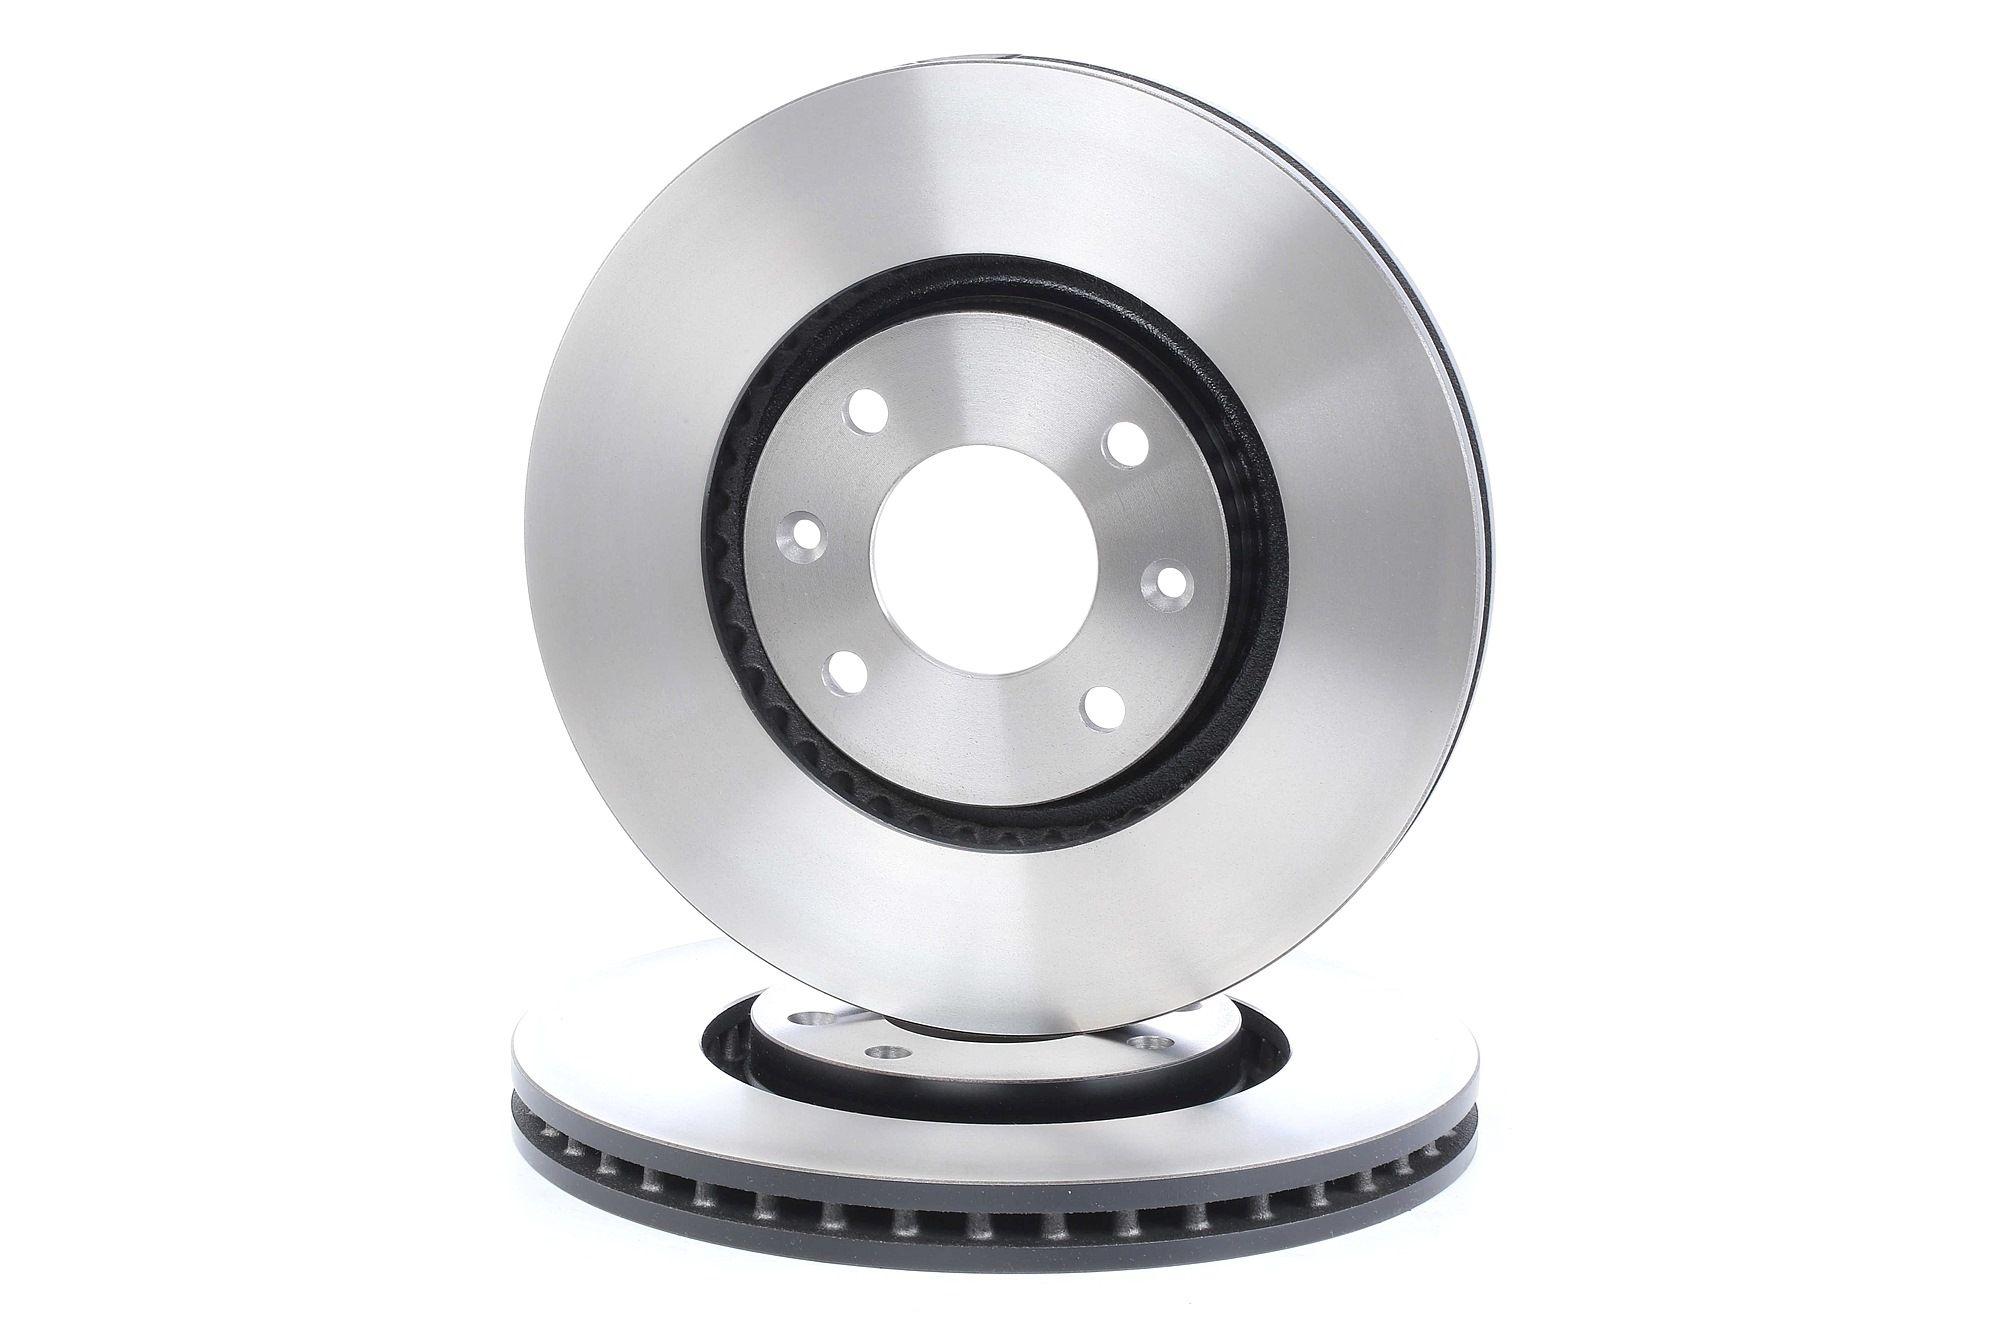 Achetez Disques de frein TRW DF4183 (Ø: 283mm, Nbre de trous: 4, Épaisseur du disque de frein: 26mm) à un rapport qualité-prix exceptionnel